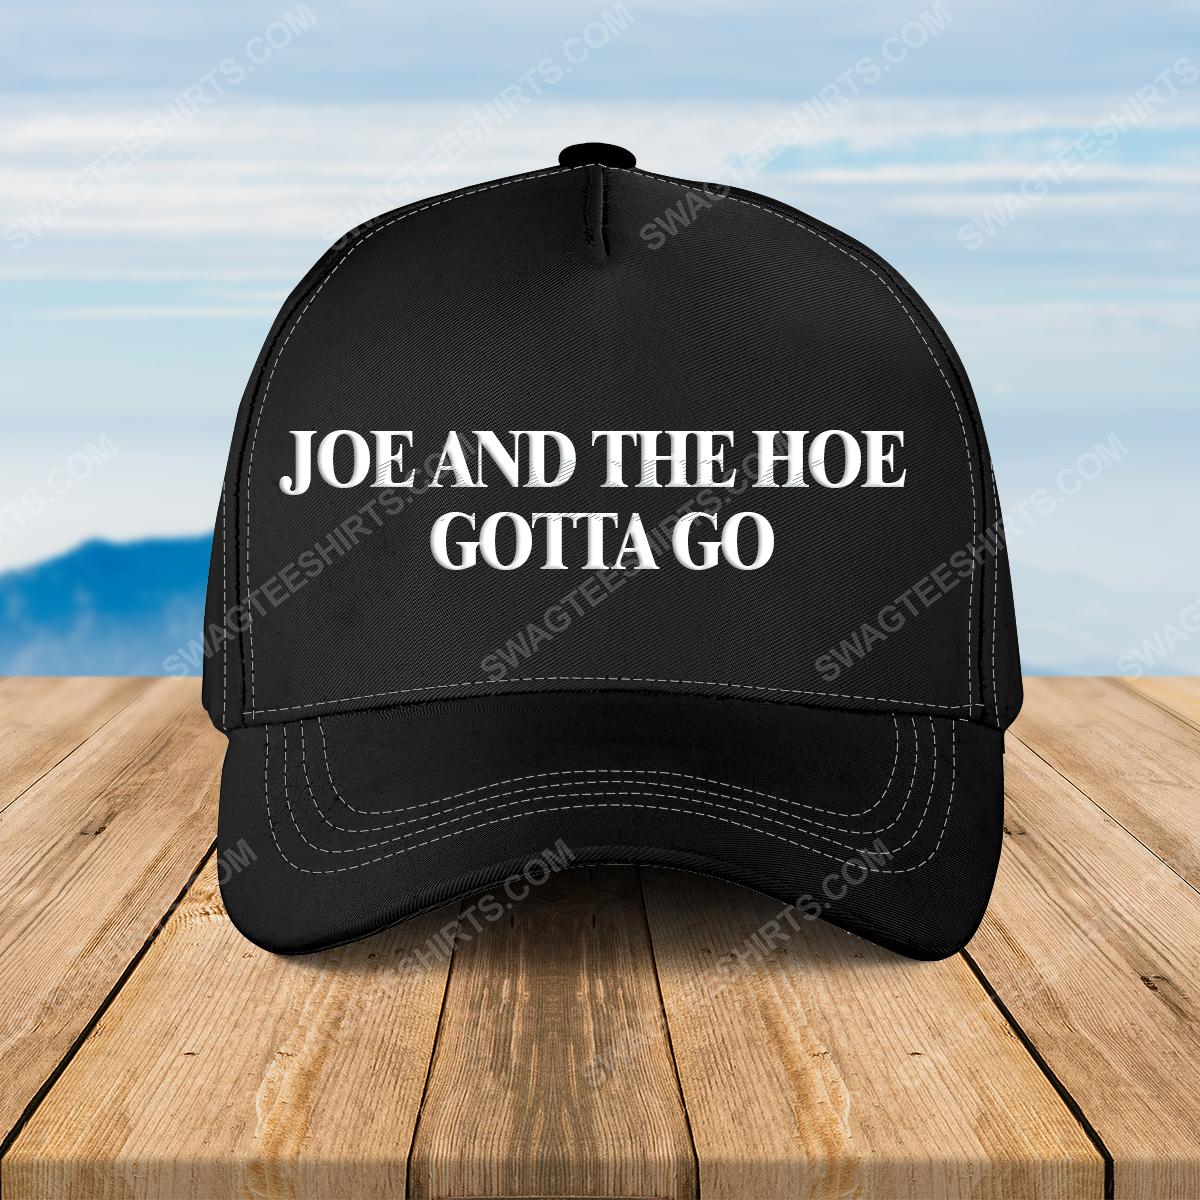 Joe and the hoe gotta go full print classic hat 1 - Copy (3)